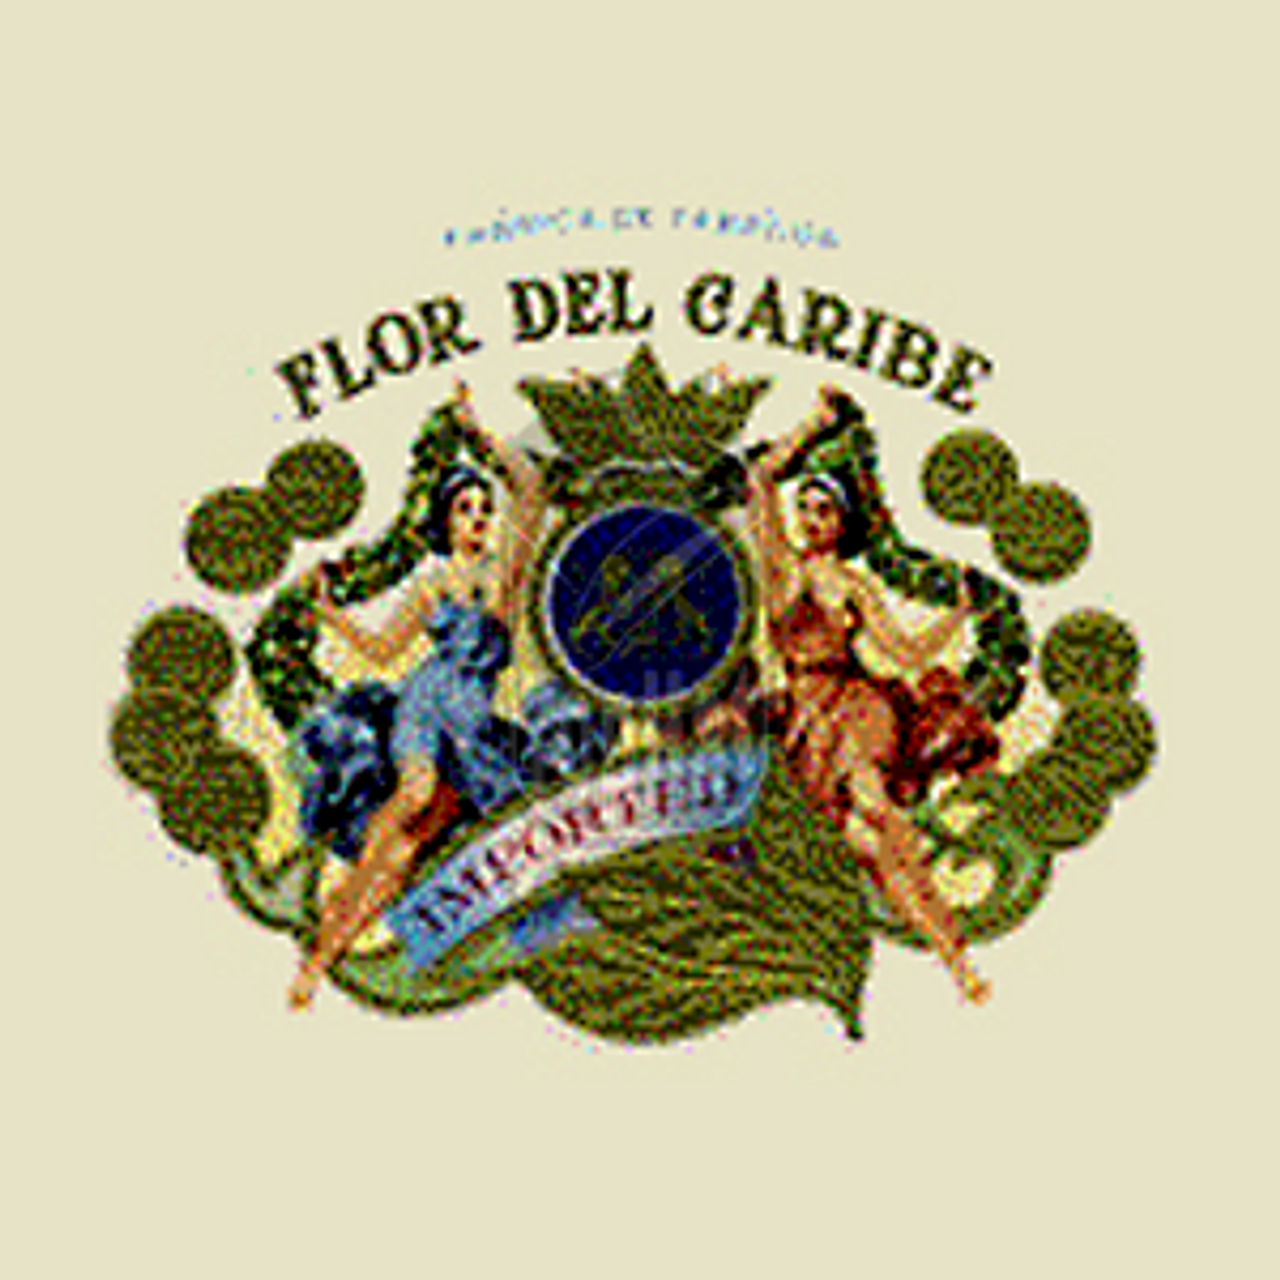 Flor Del Caribe Martinique Maduro Cigars - 6 1/2 x 50 (Box of 25)